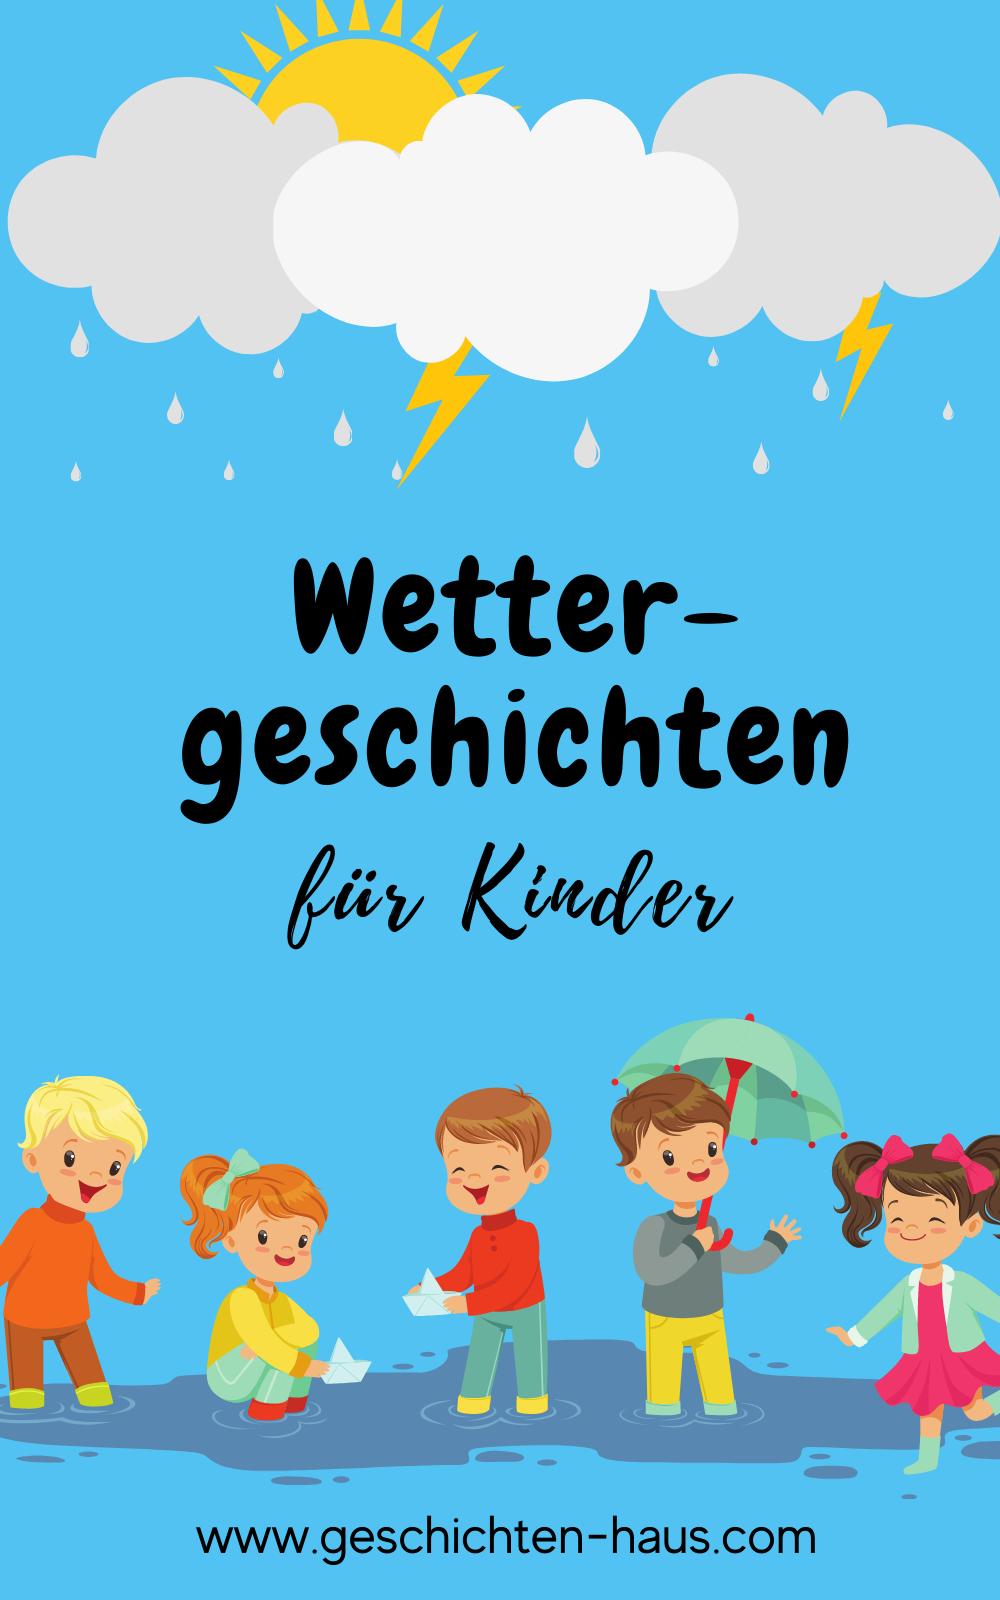 Wettergeschichten für Kinder - für Kindergarten & Grundschule